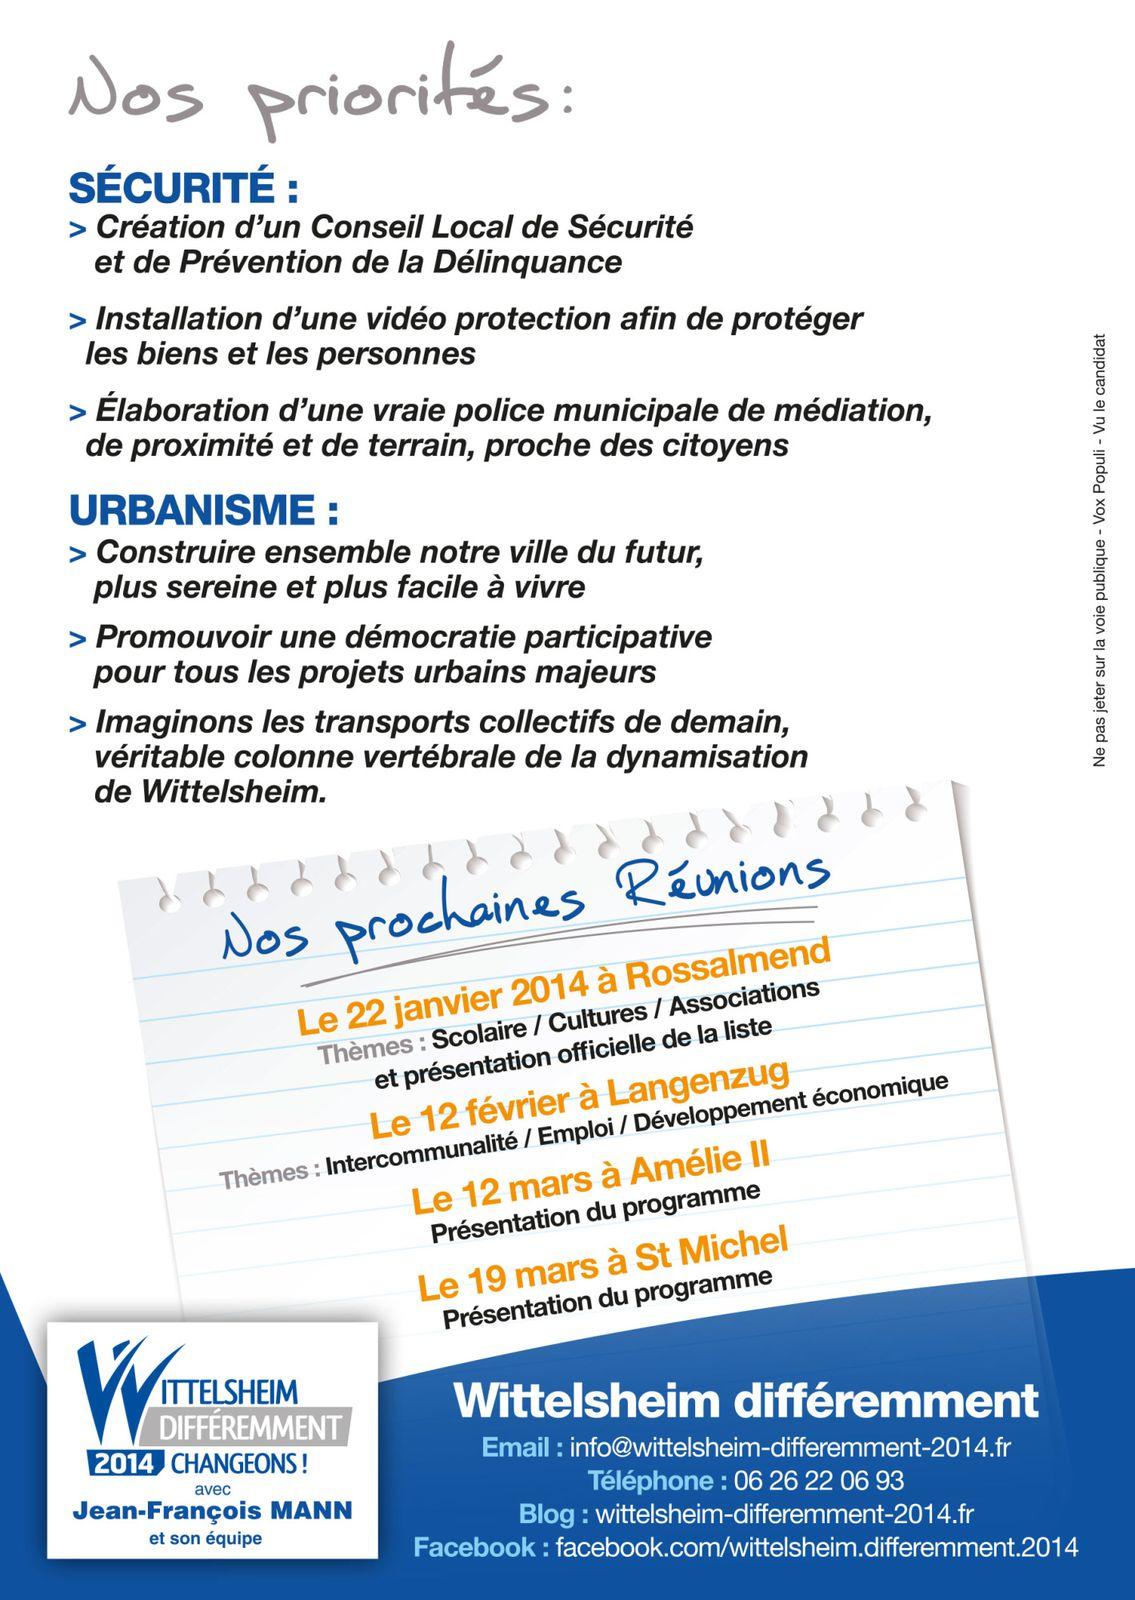 Réunion publique salle st Michel le 11 décembre 2013 à 20h00